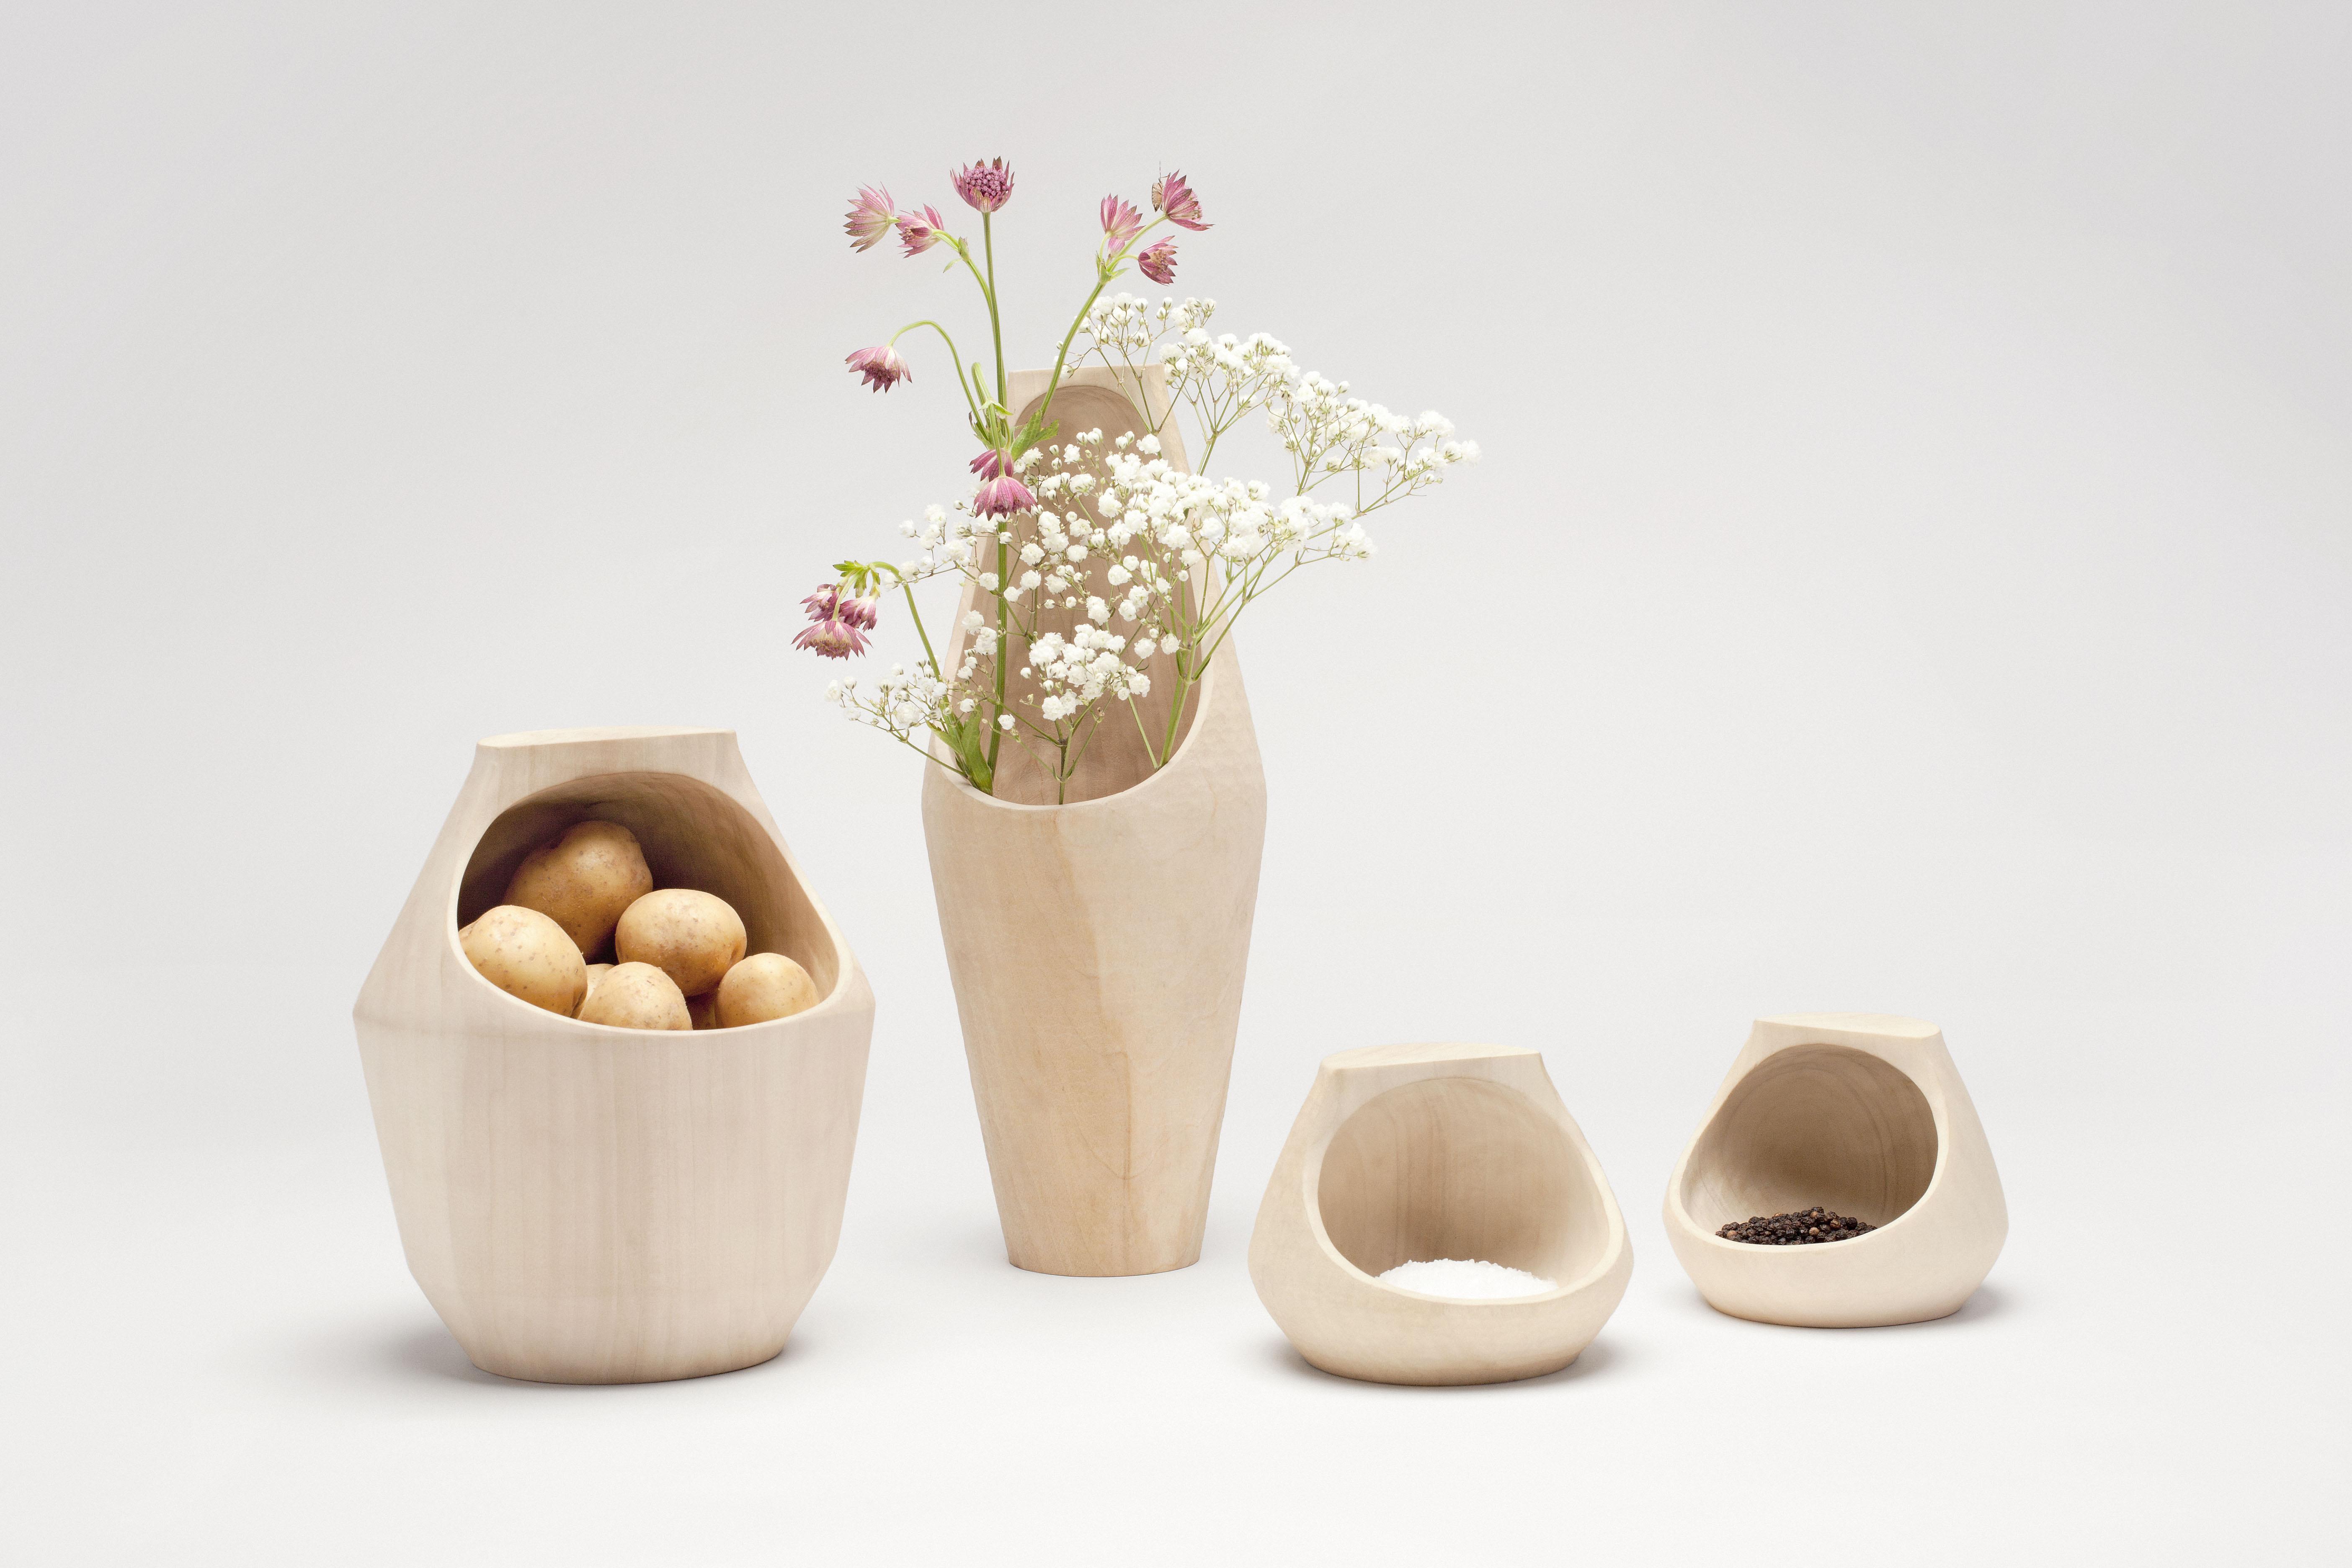 Houten potten en vazen van daan brandenburg gimmii magazine - Kleden houten wand ...